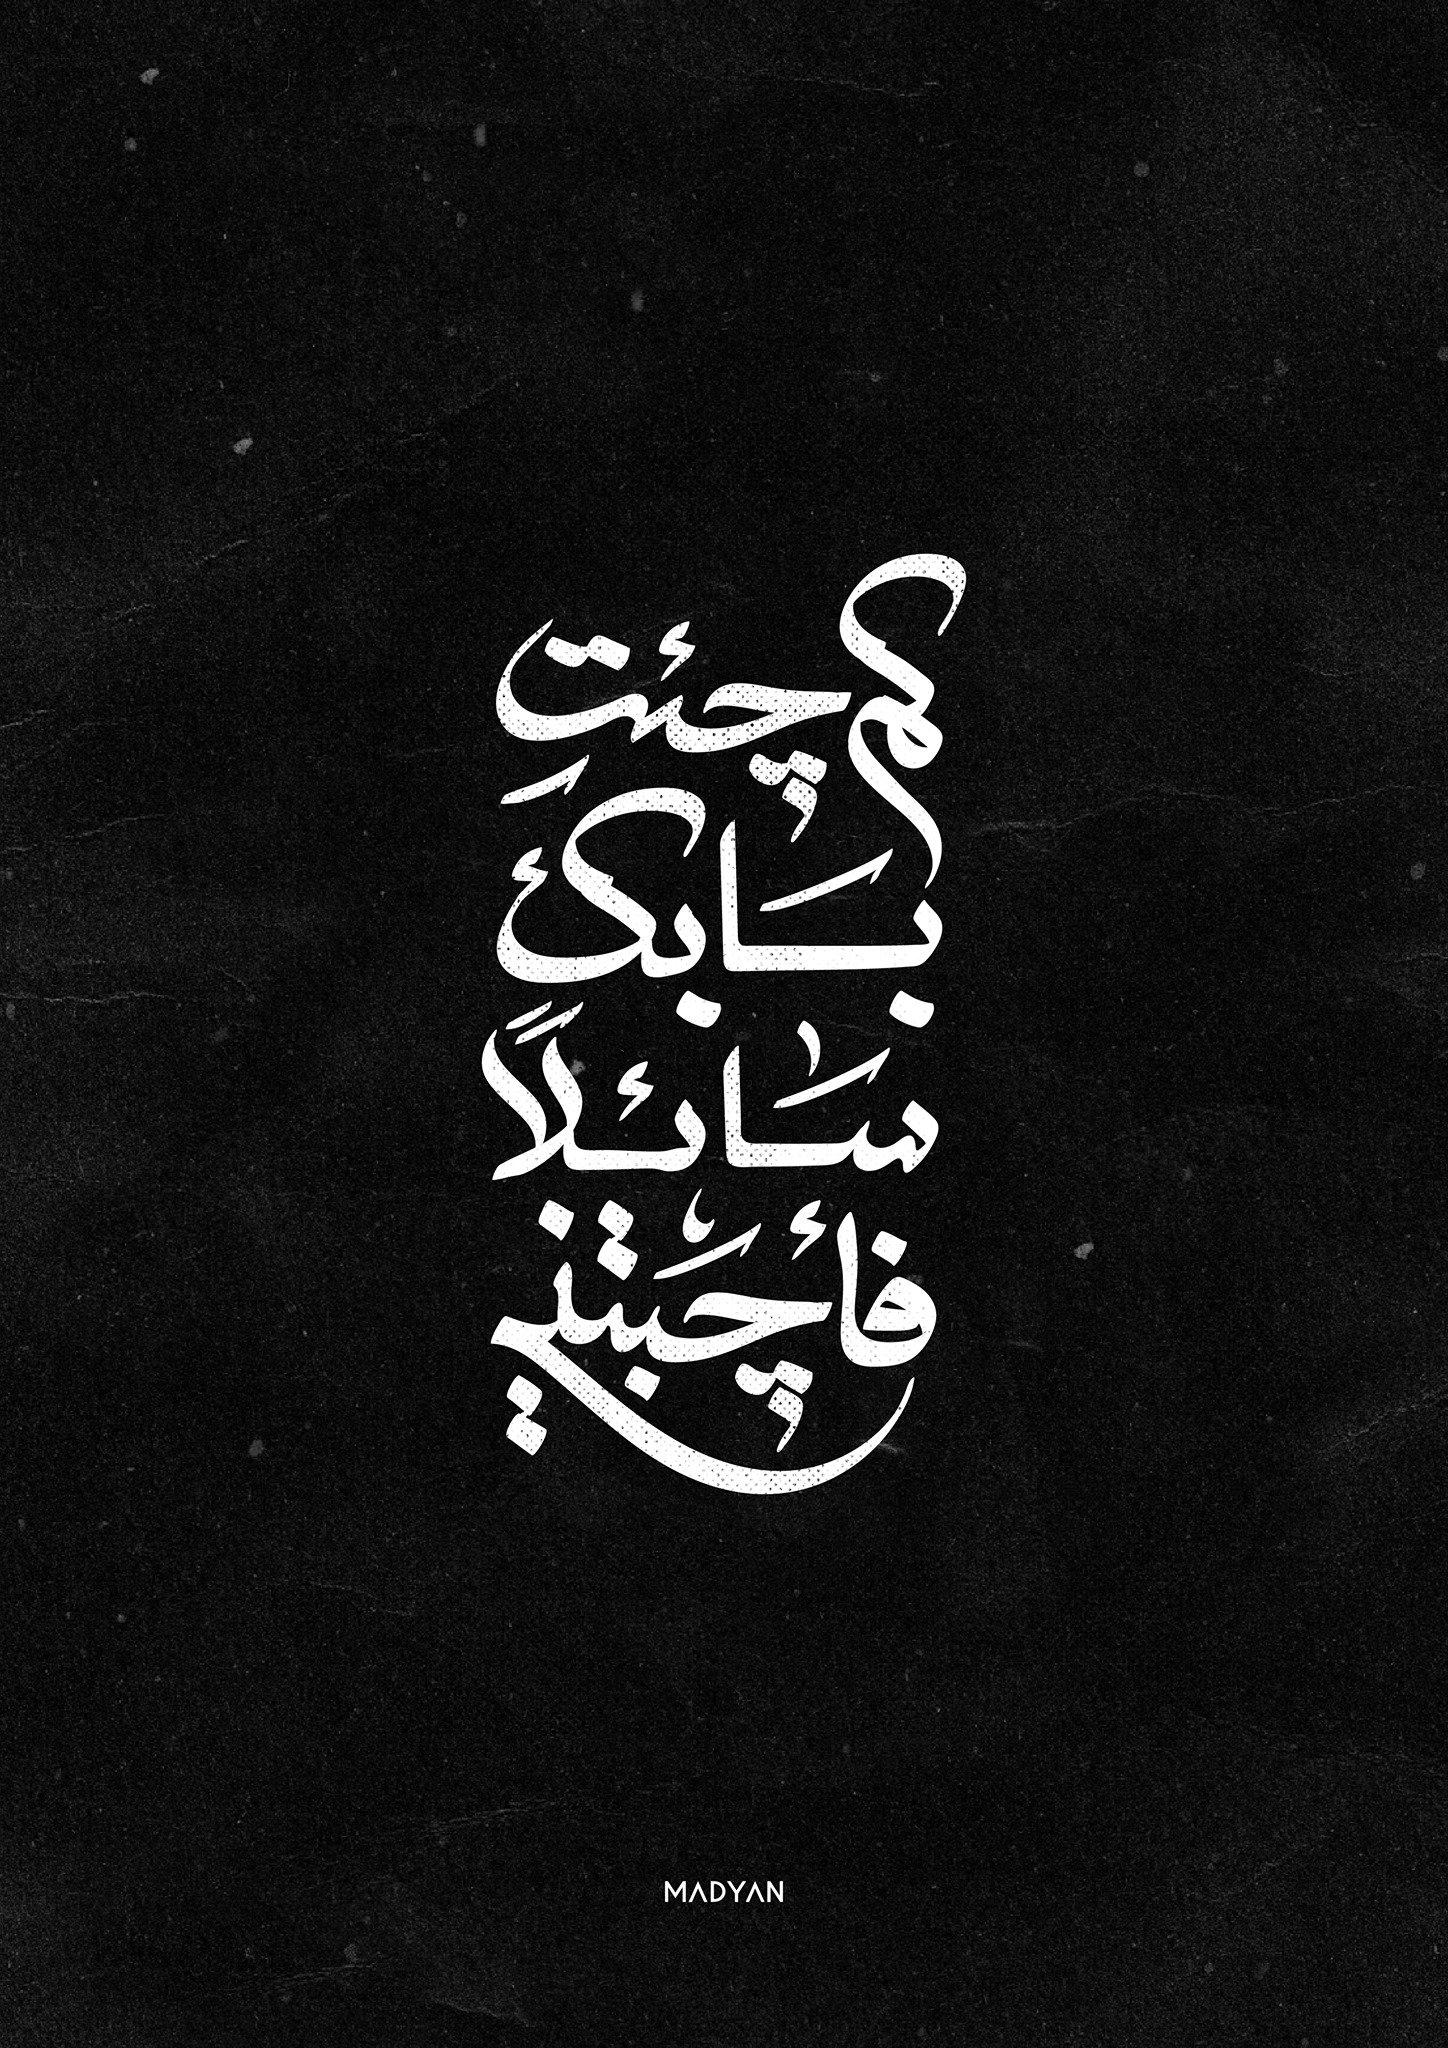 صور خلفيات سوداء مكتوب عليها عبارات أدعية دينية اسلامية للموبايل للفيس للواتس Hd 2020 مربع